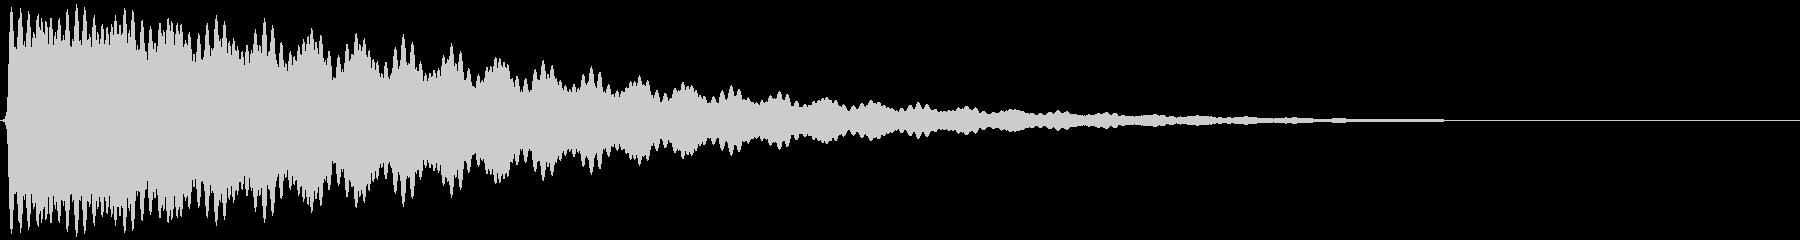 ごーん/お寺の鐘/大晦日/除夜の鐘の未再生の波形